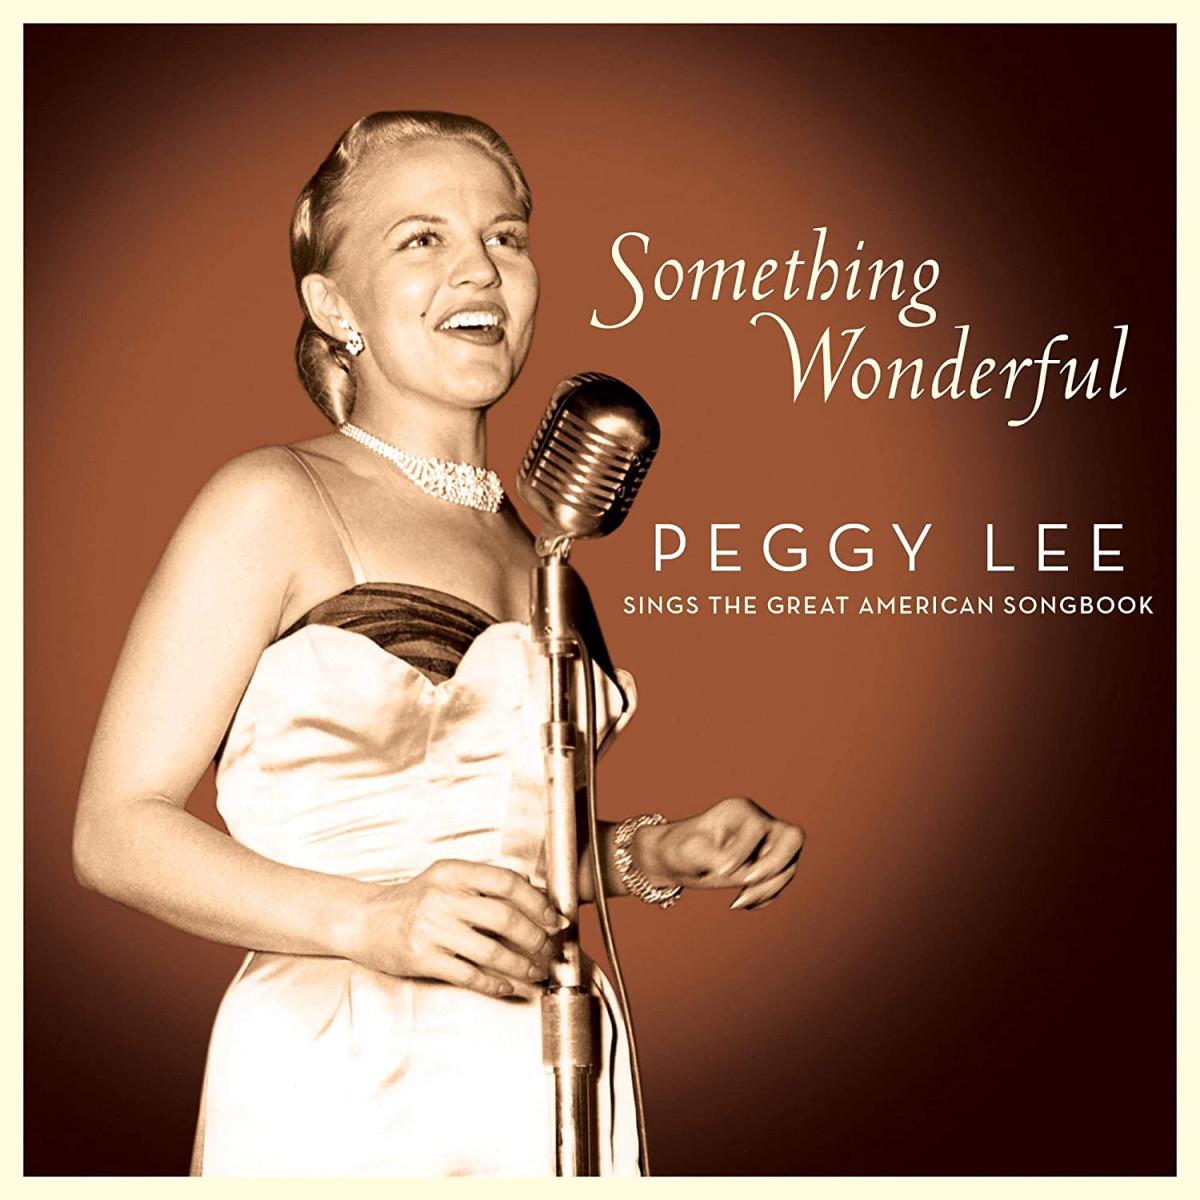 Something Wonderful- Peggy Lee Sings the Great American Songbook